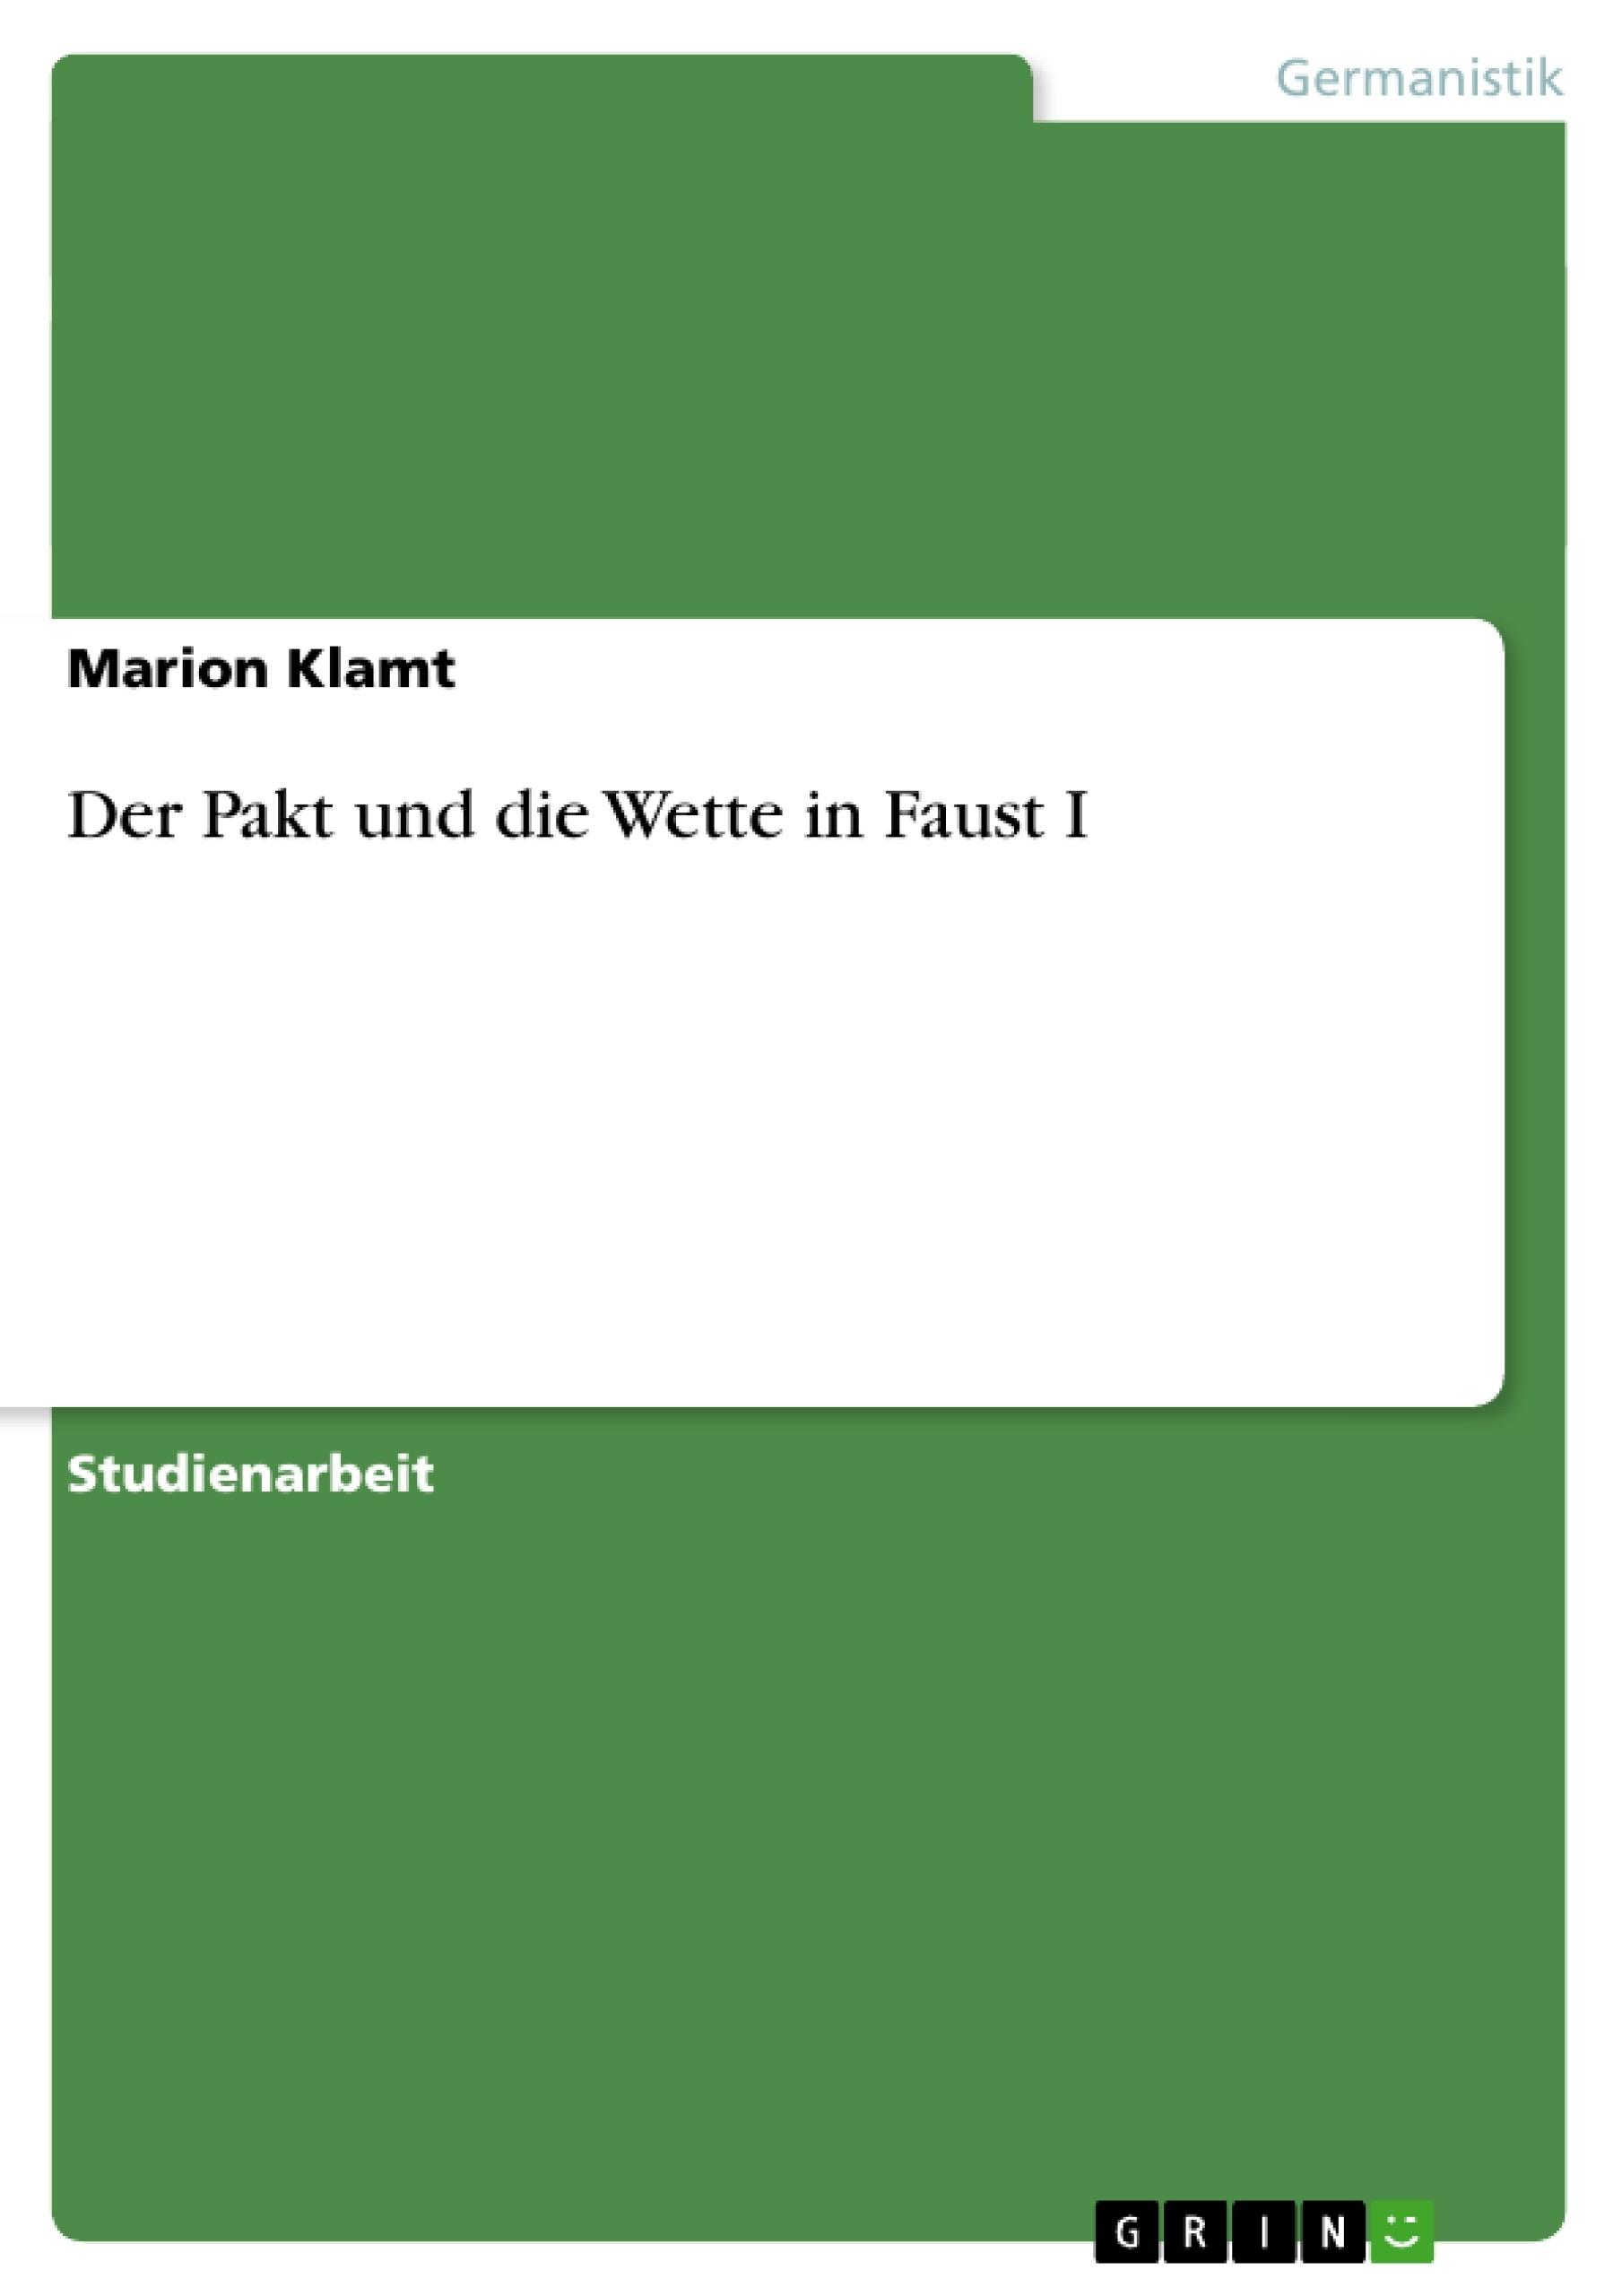 Der Pakt Und Die Wette In Faust I Hausarbeiten Publizieren